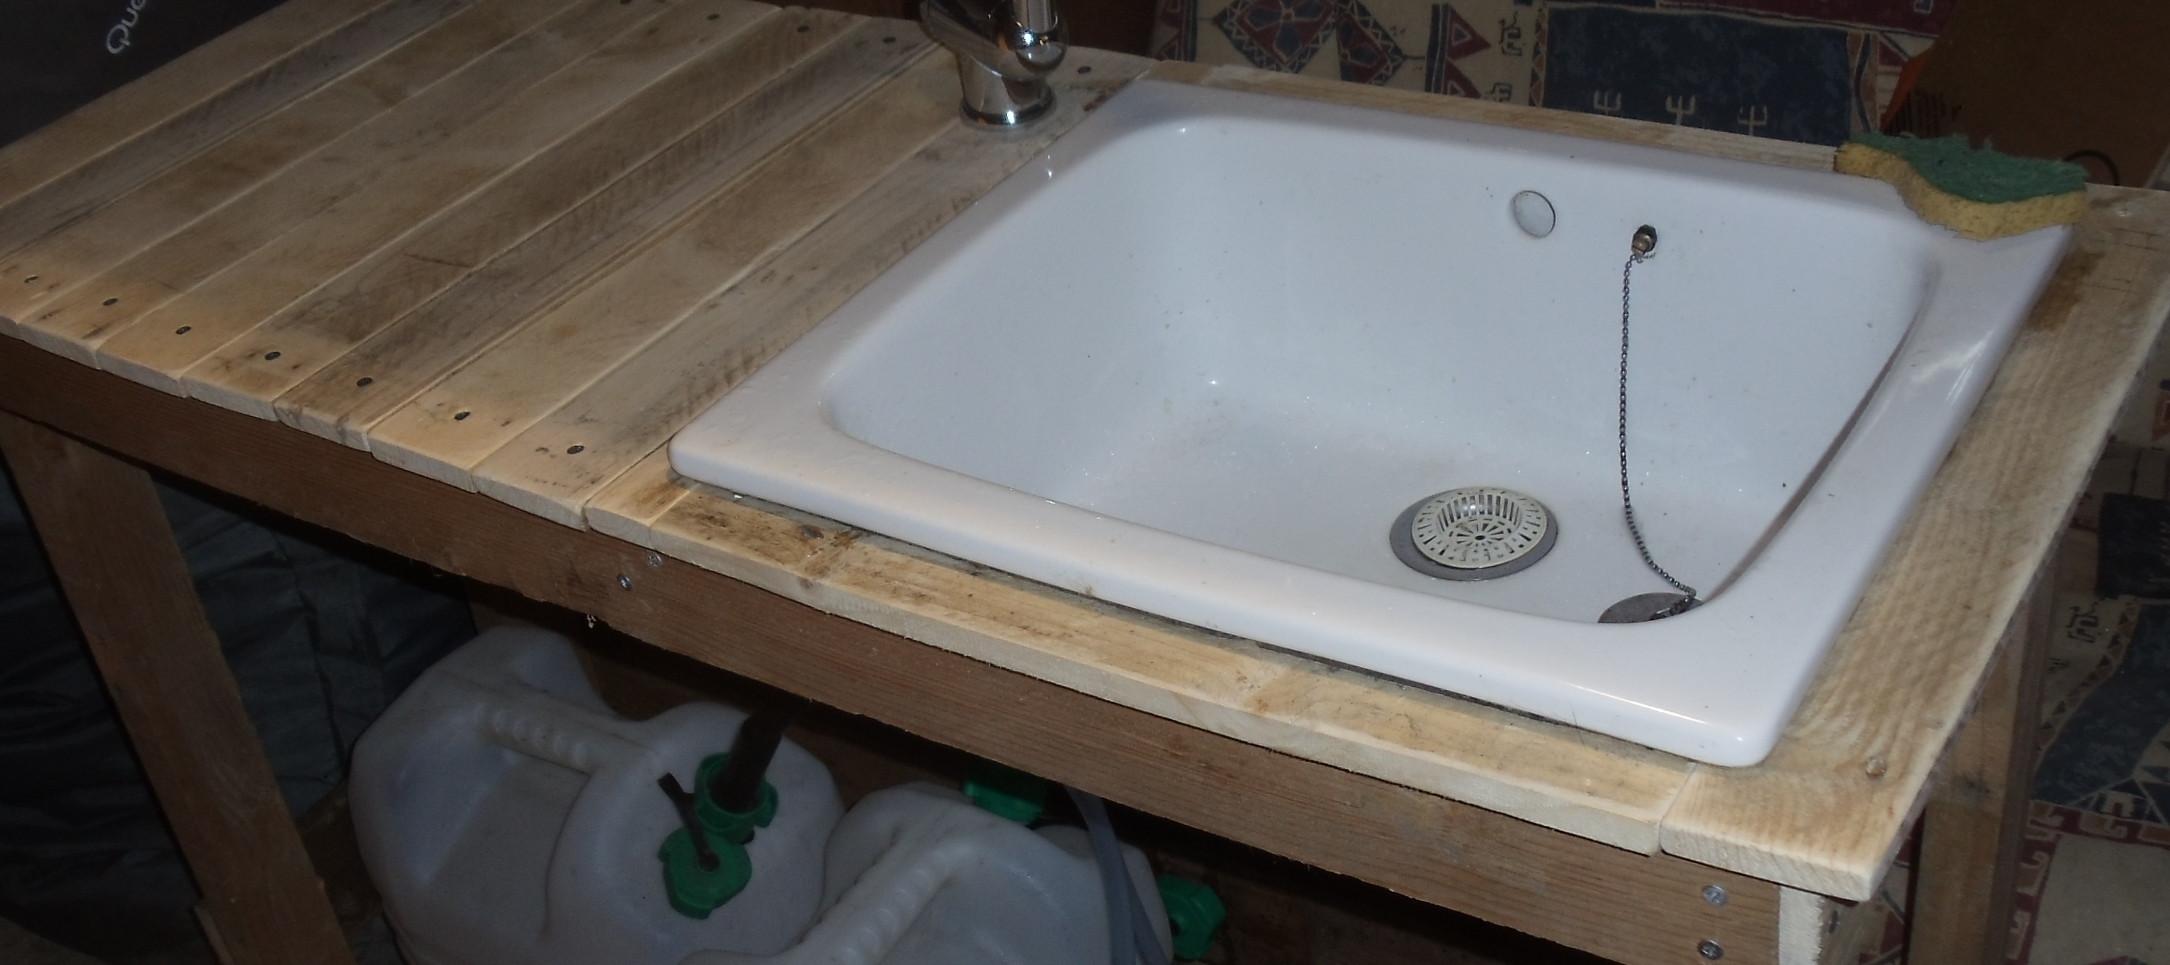 Comment Faire Un Rideau Sous Evier Évier/lavabo sans eau courante ni électricité : david mercereau